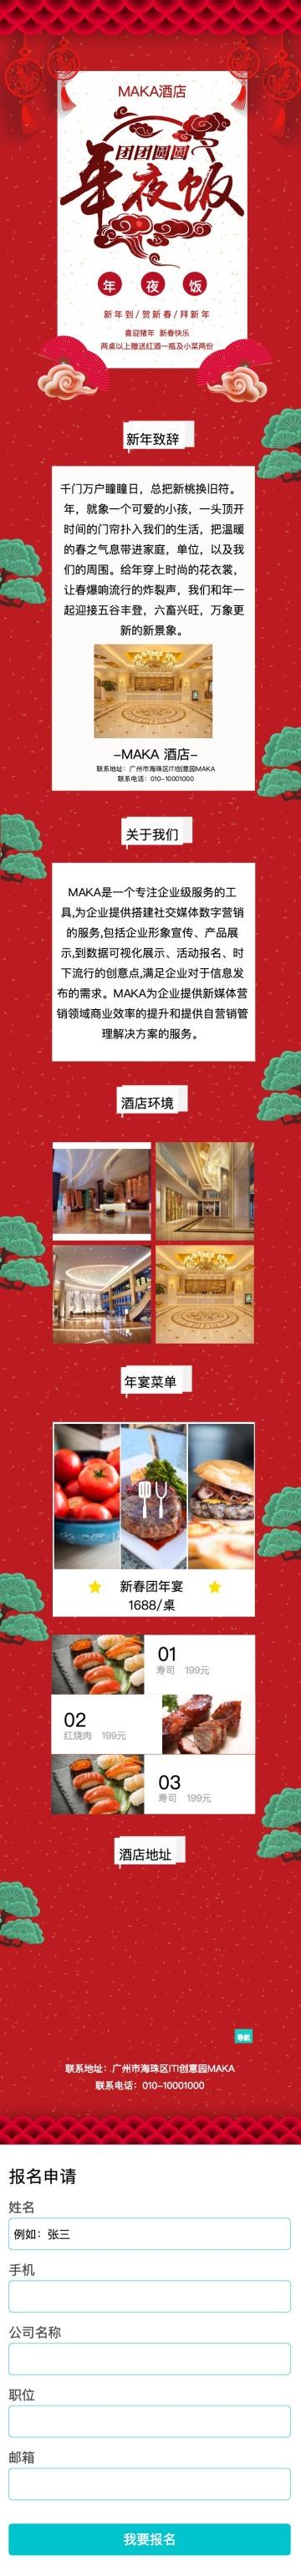 中国风红色酒店餐饮年夜饭宣传推广落地单页